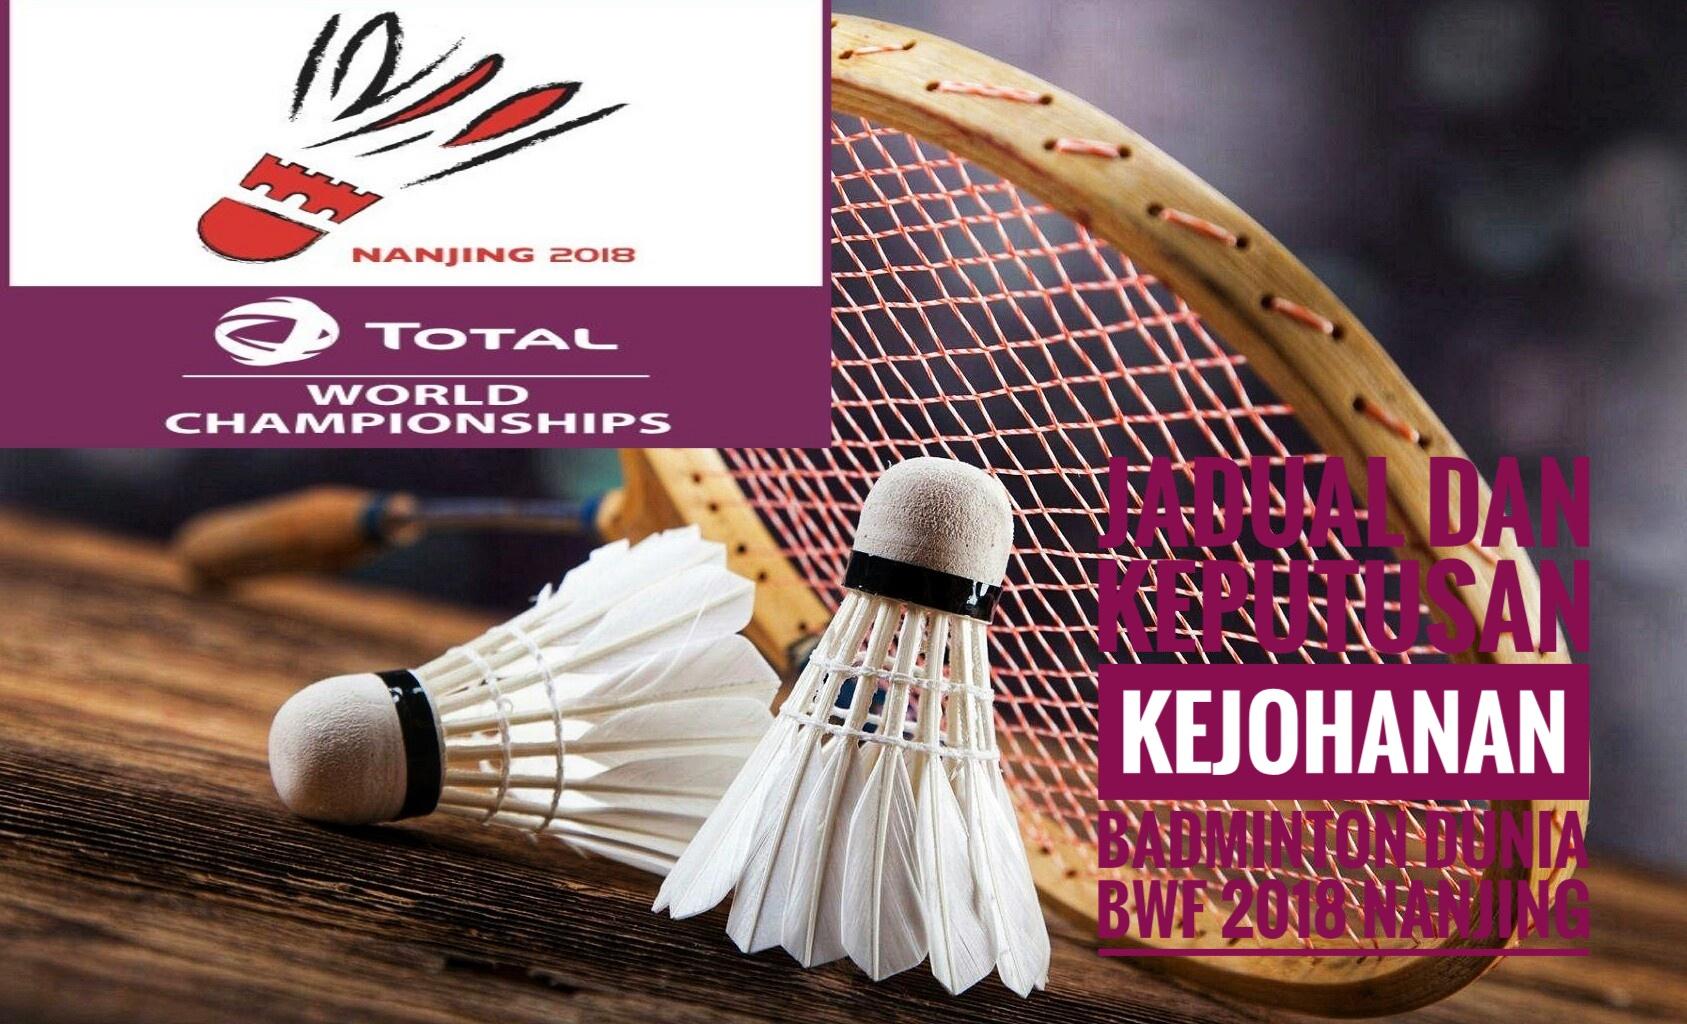 Jadual dan Keputusan Kejohanan Badminton Dunia BWF 2018 Nanjing